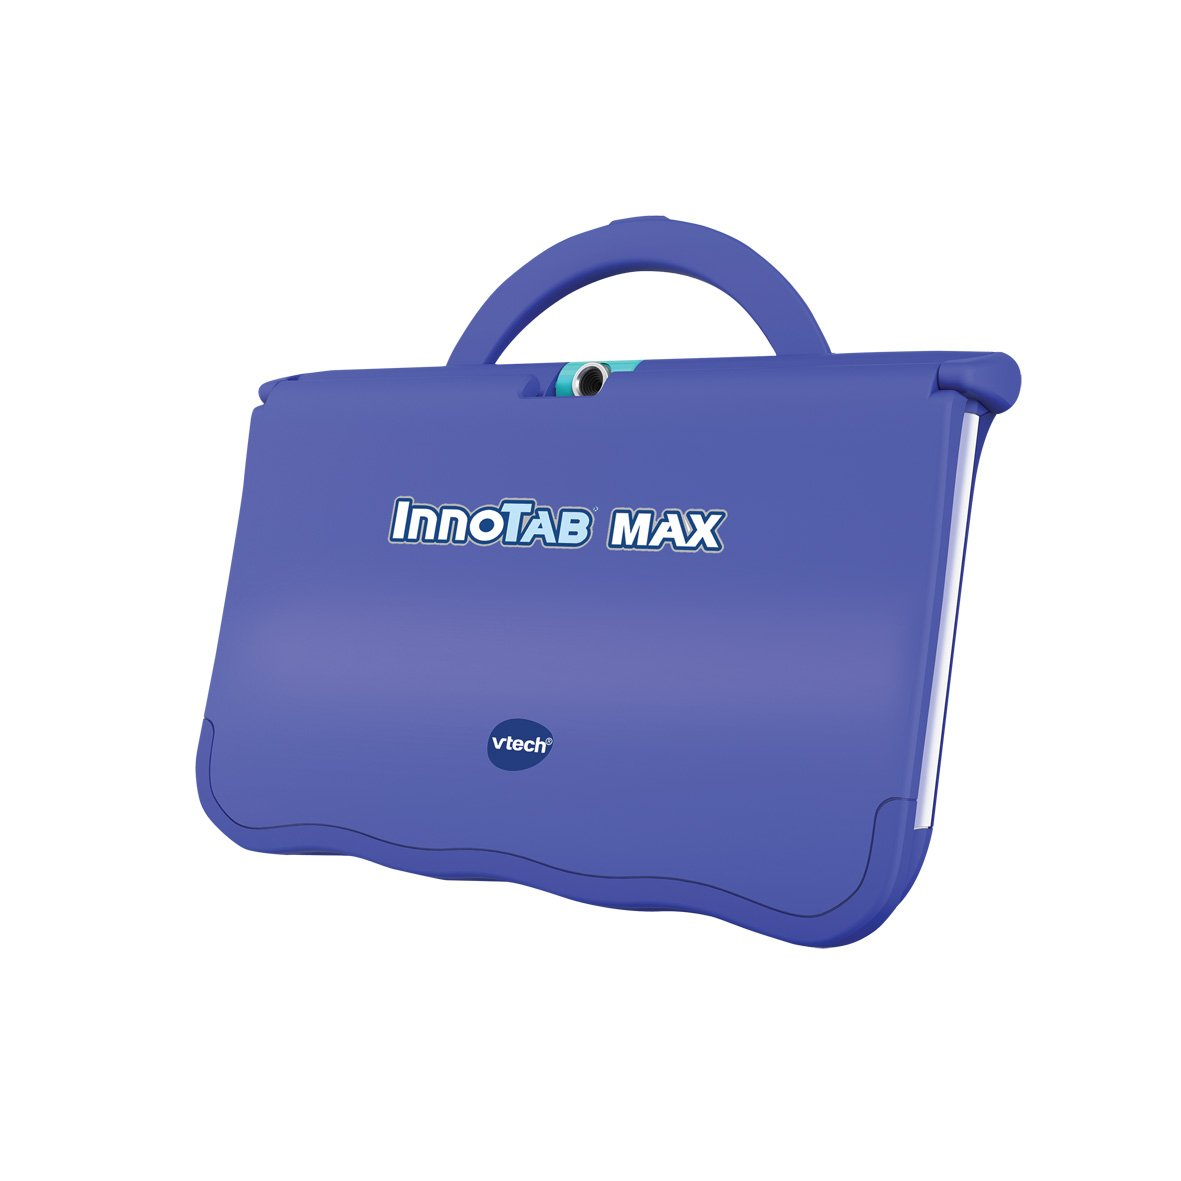 Innotab 7-inch Max (Blue) by Innotab (Image #5)